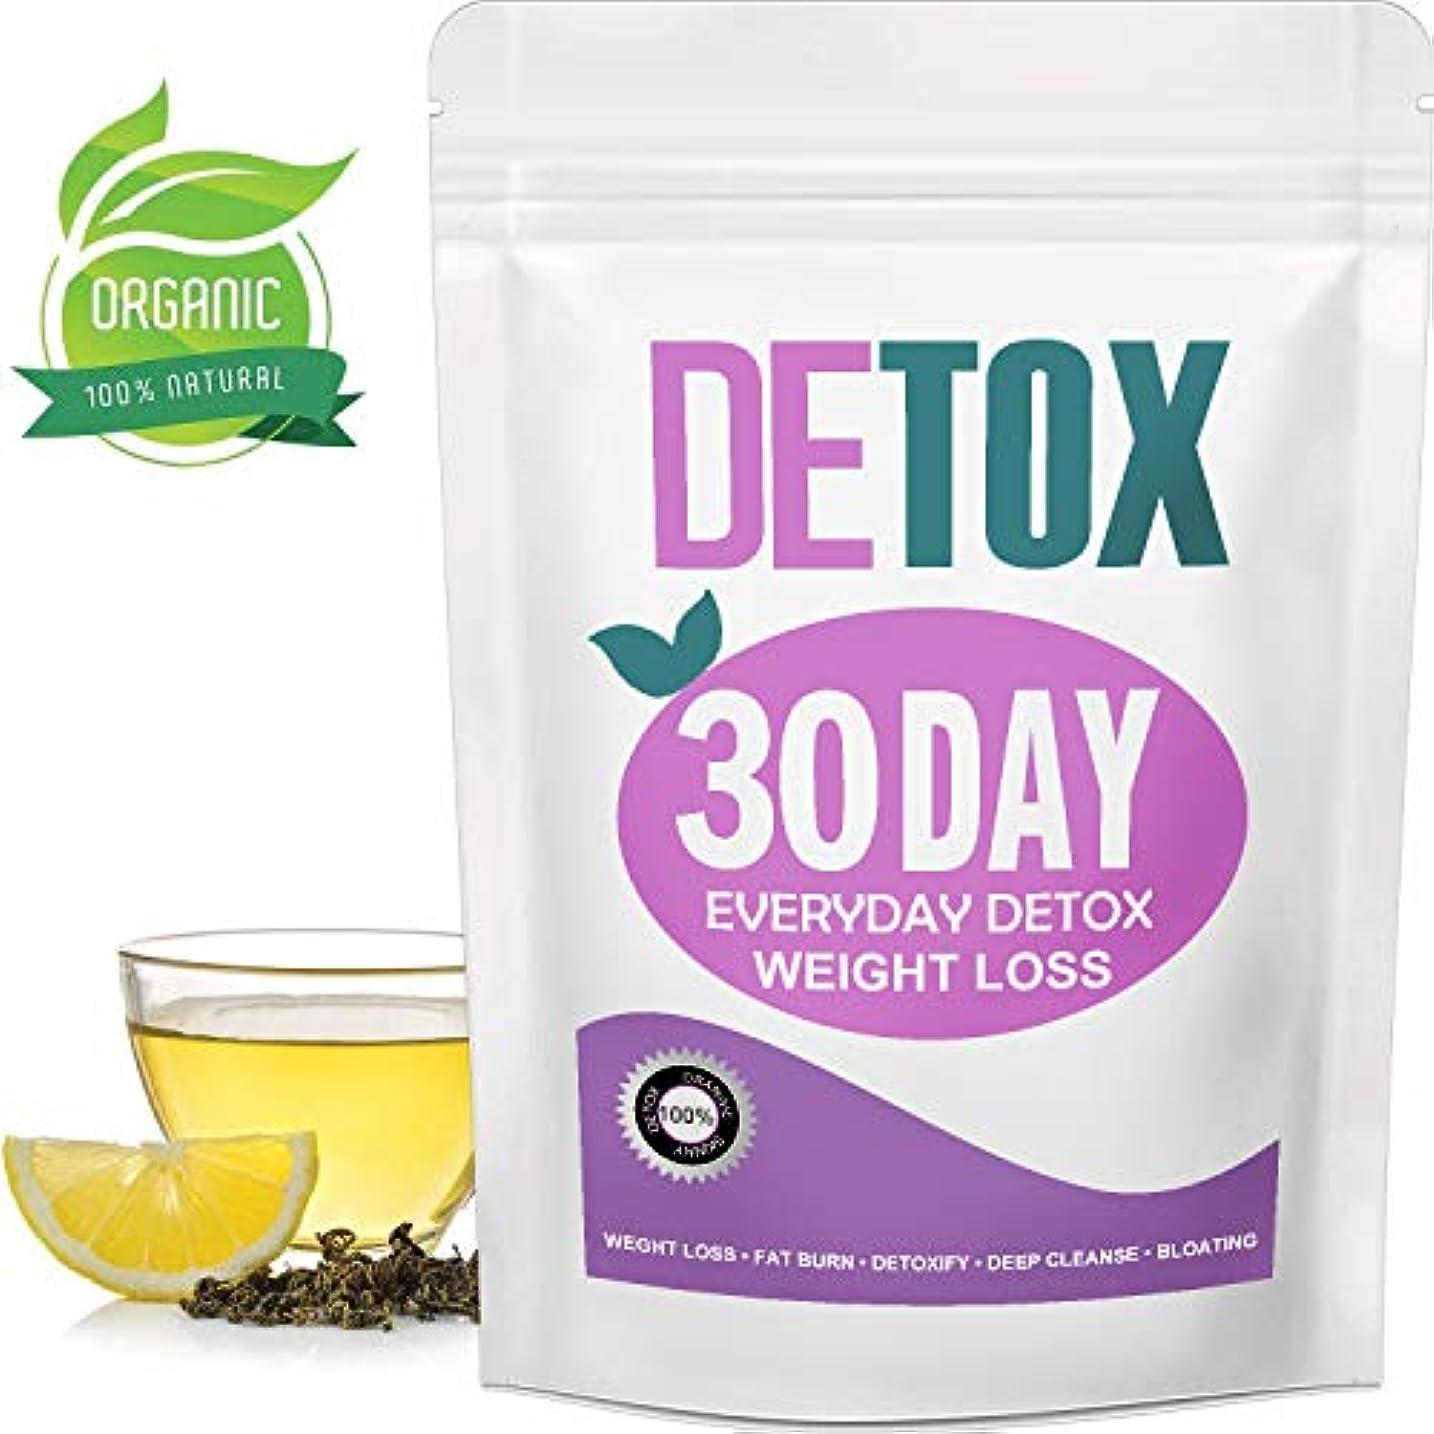 モトリー水を飲む愛痩身茶 ハーブティー 天然ダイエット飲料 痩身コンディショニング茶 (30日)